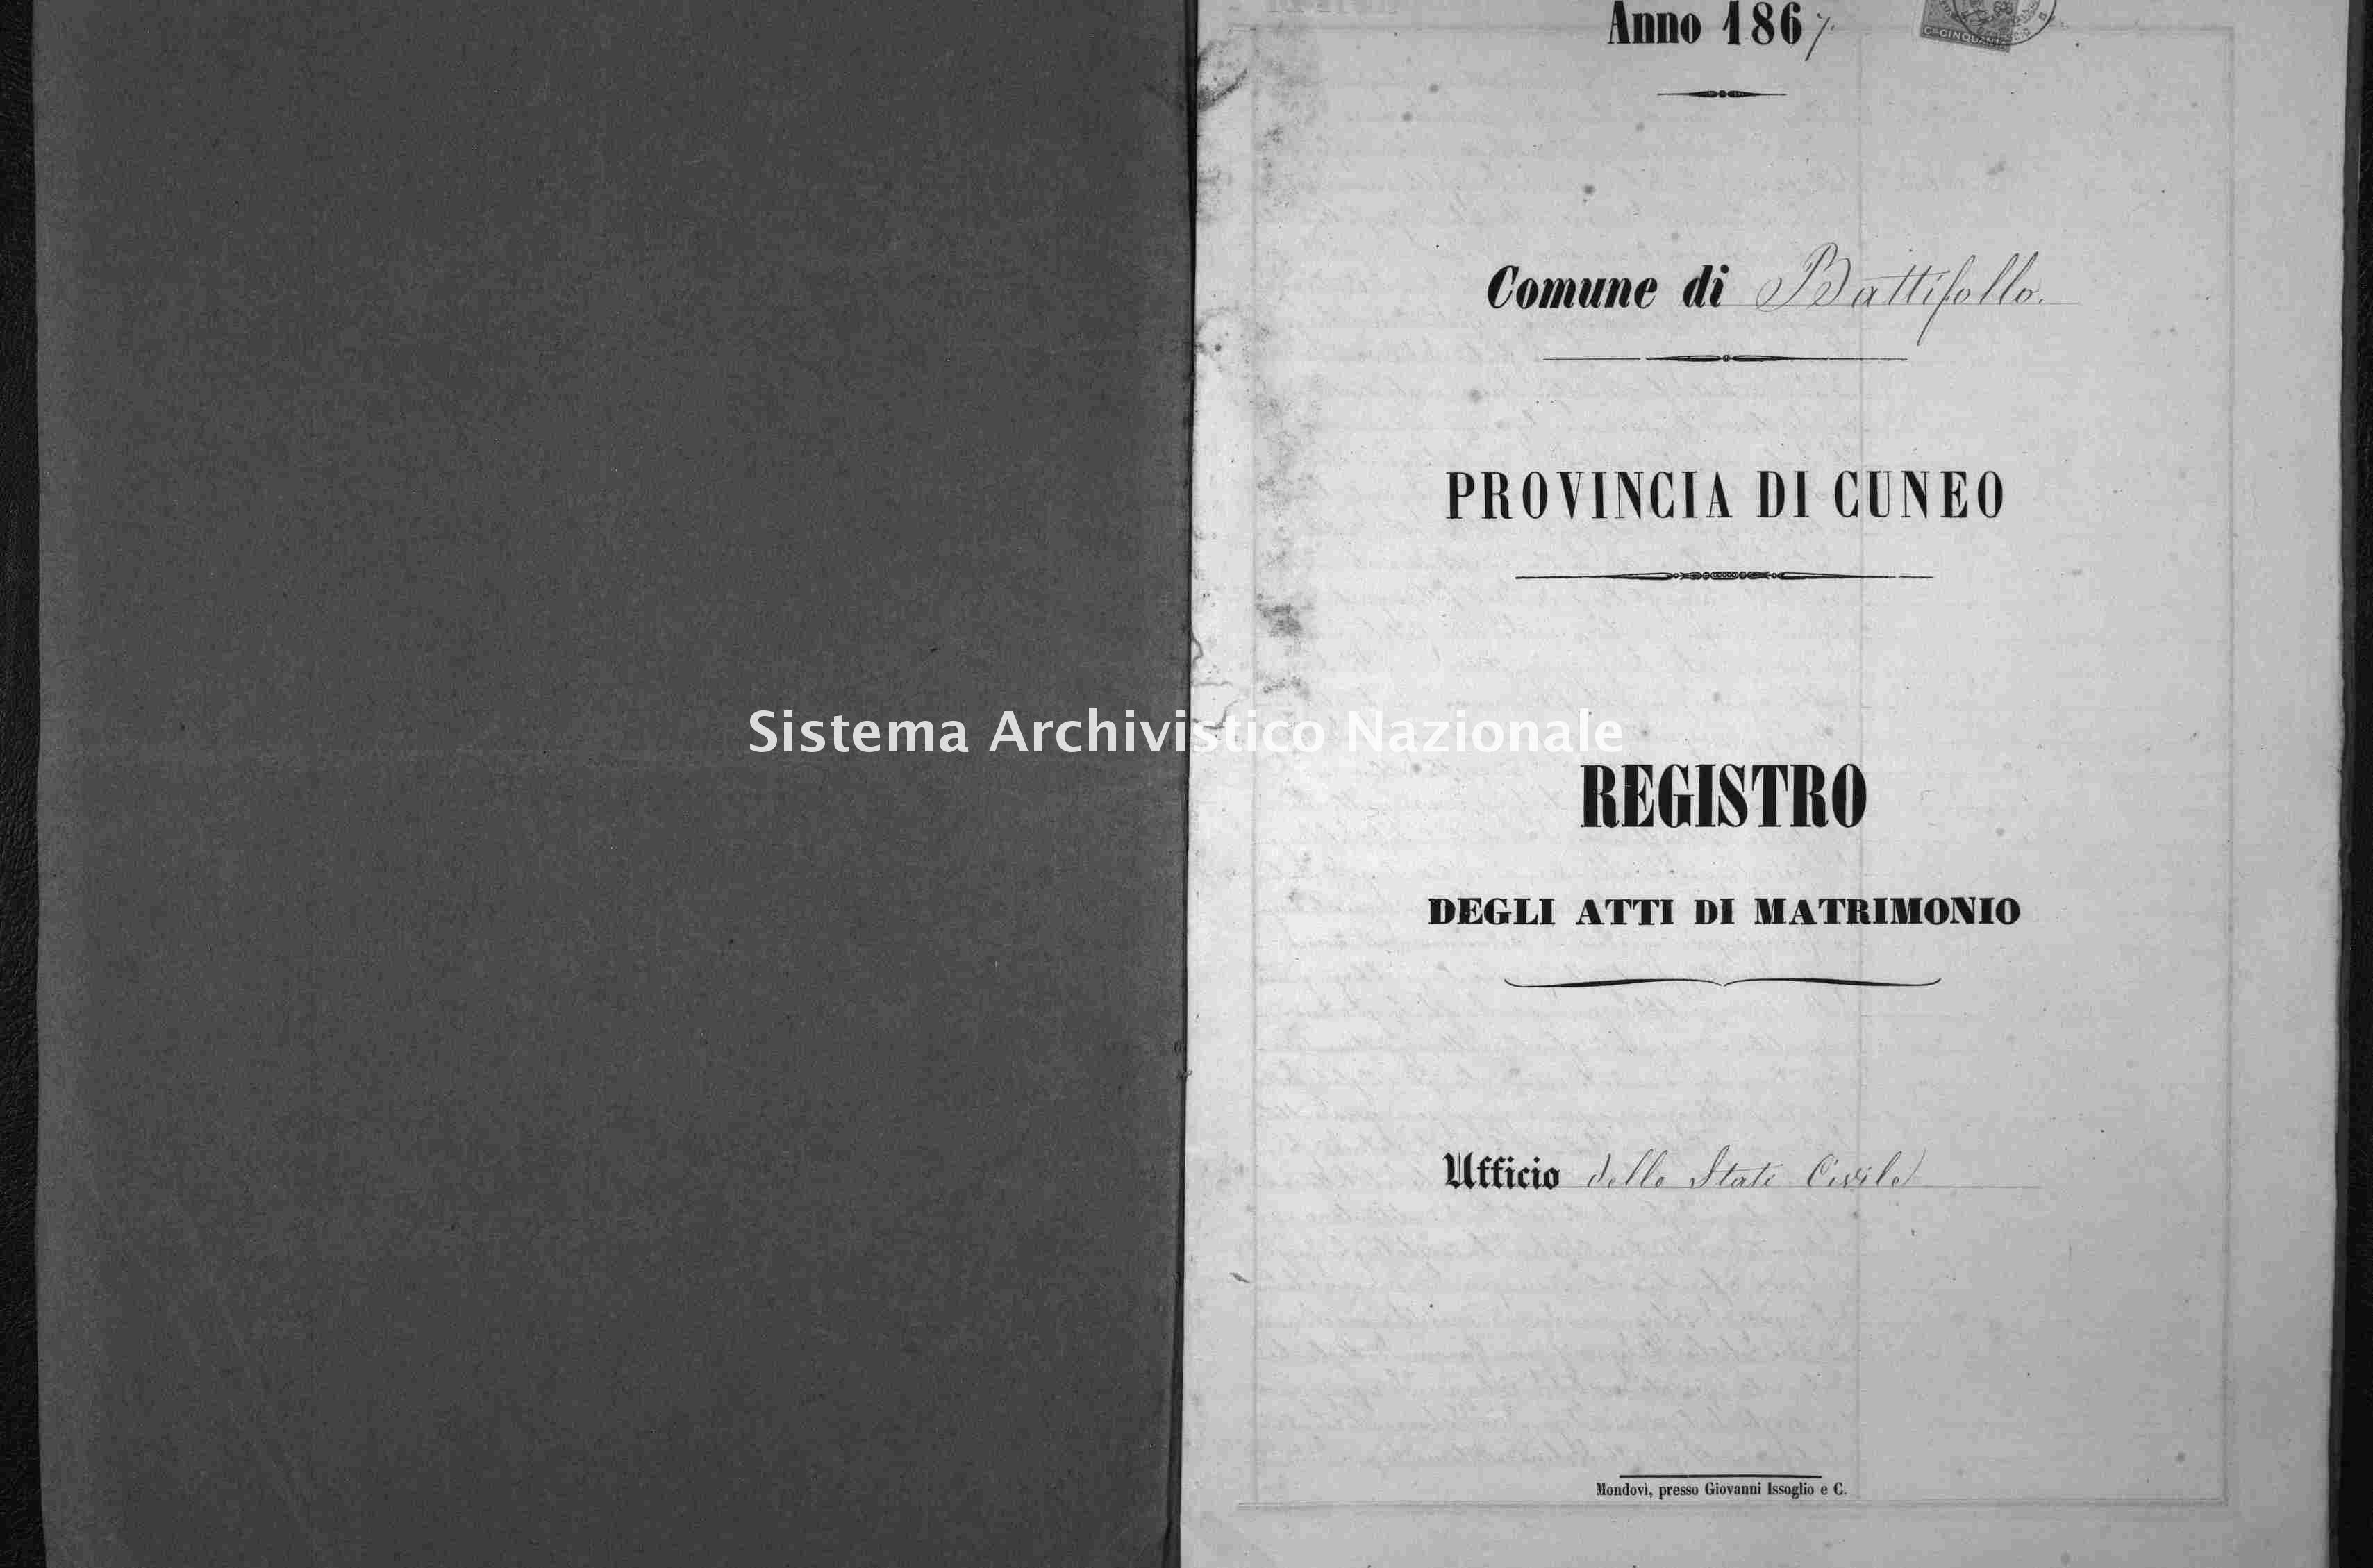 Archivio di stato di Cuneo - Stato civile italiano - Battifollo - Matrimoni - 1867 -